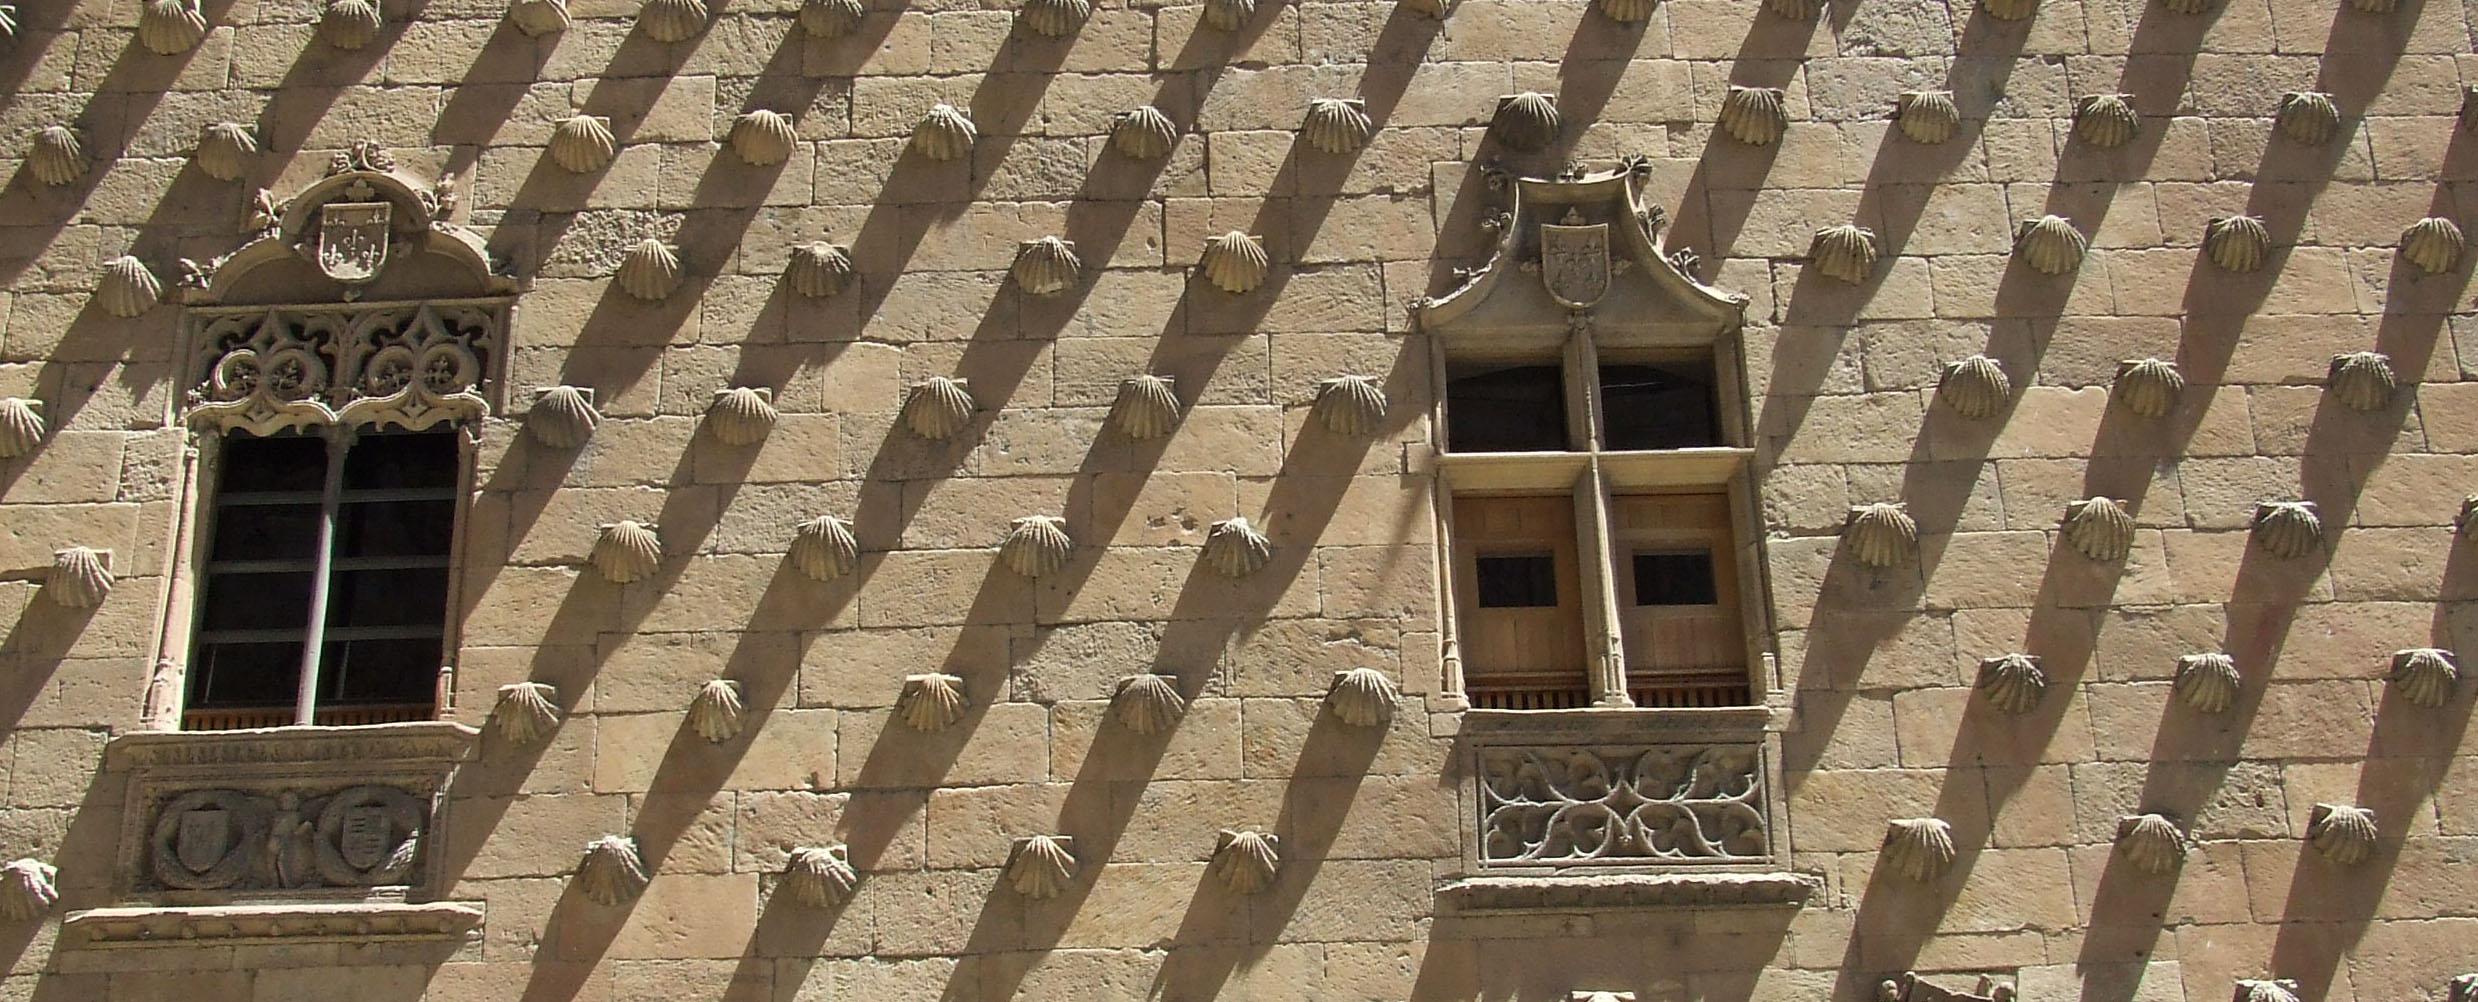 La facciata della biblioteca di Salamanca.